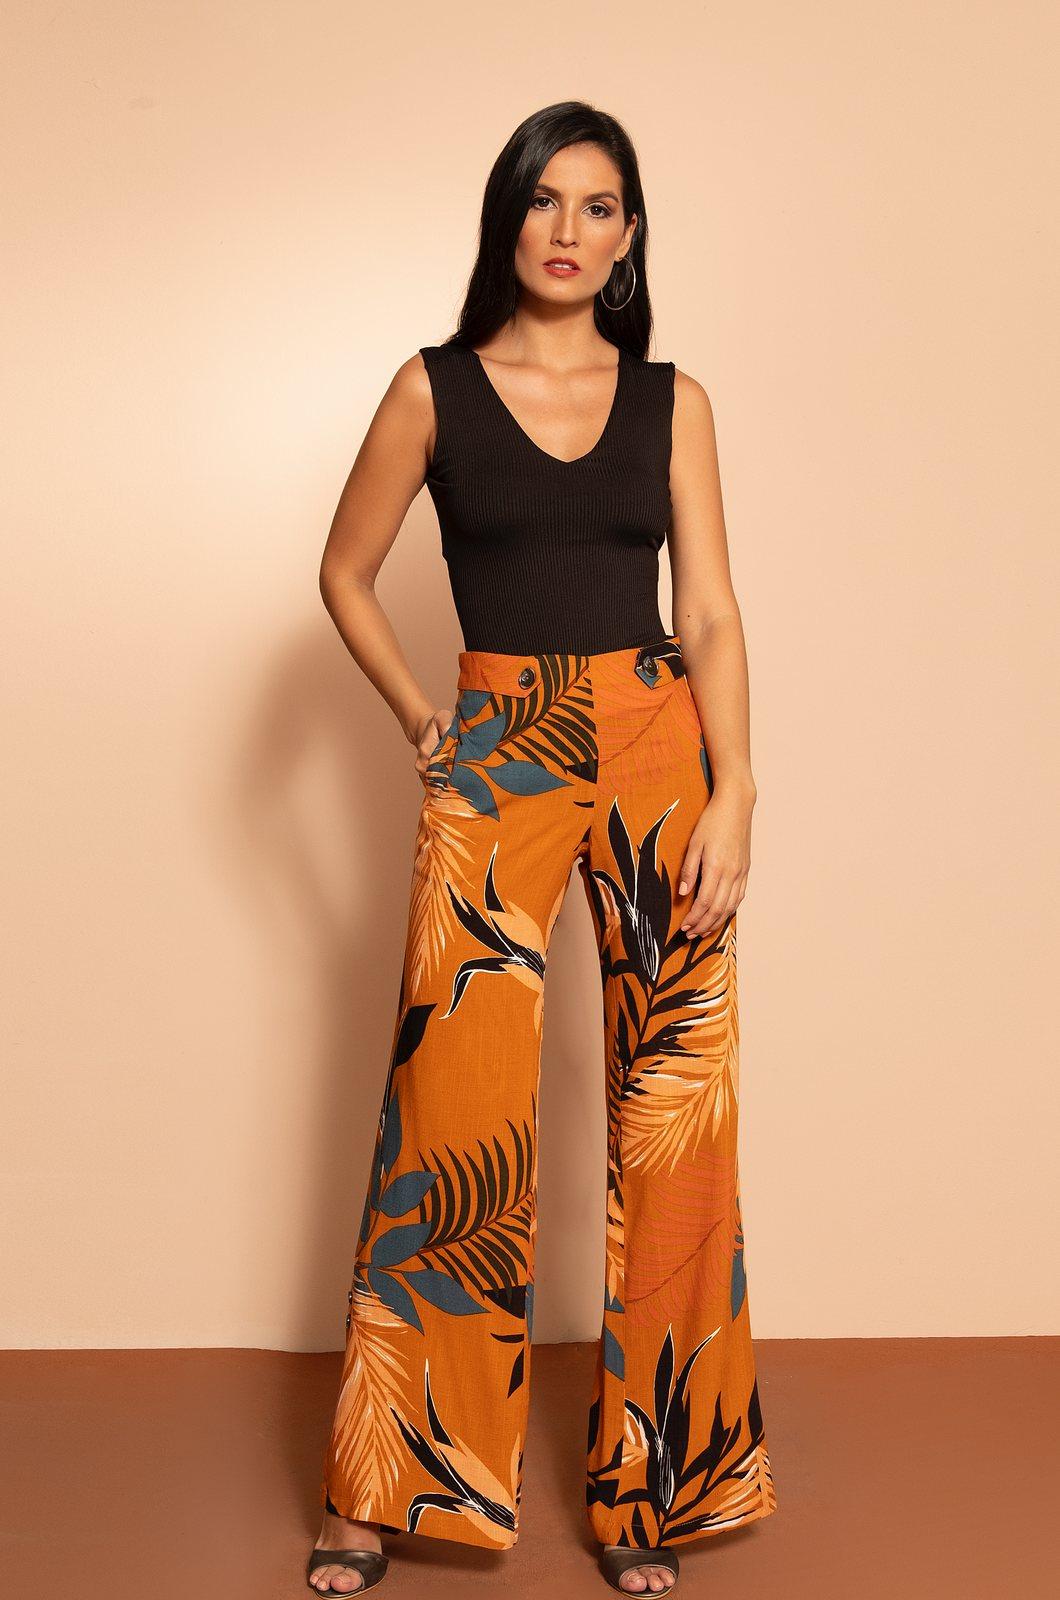 Pantalon-estampado-Chazari-1326-20